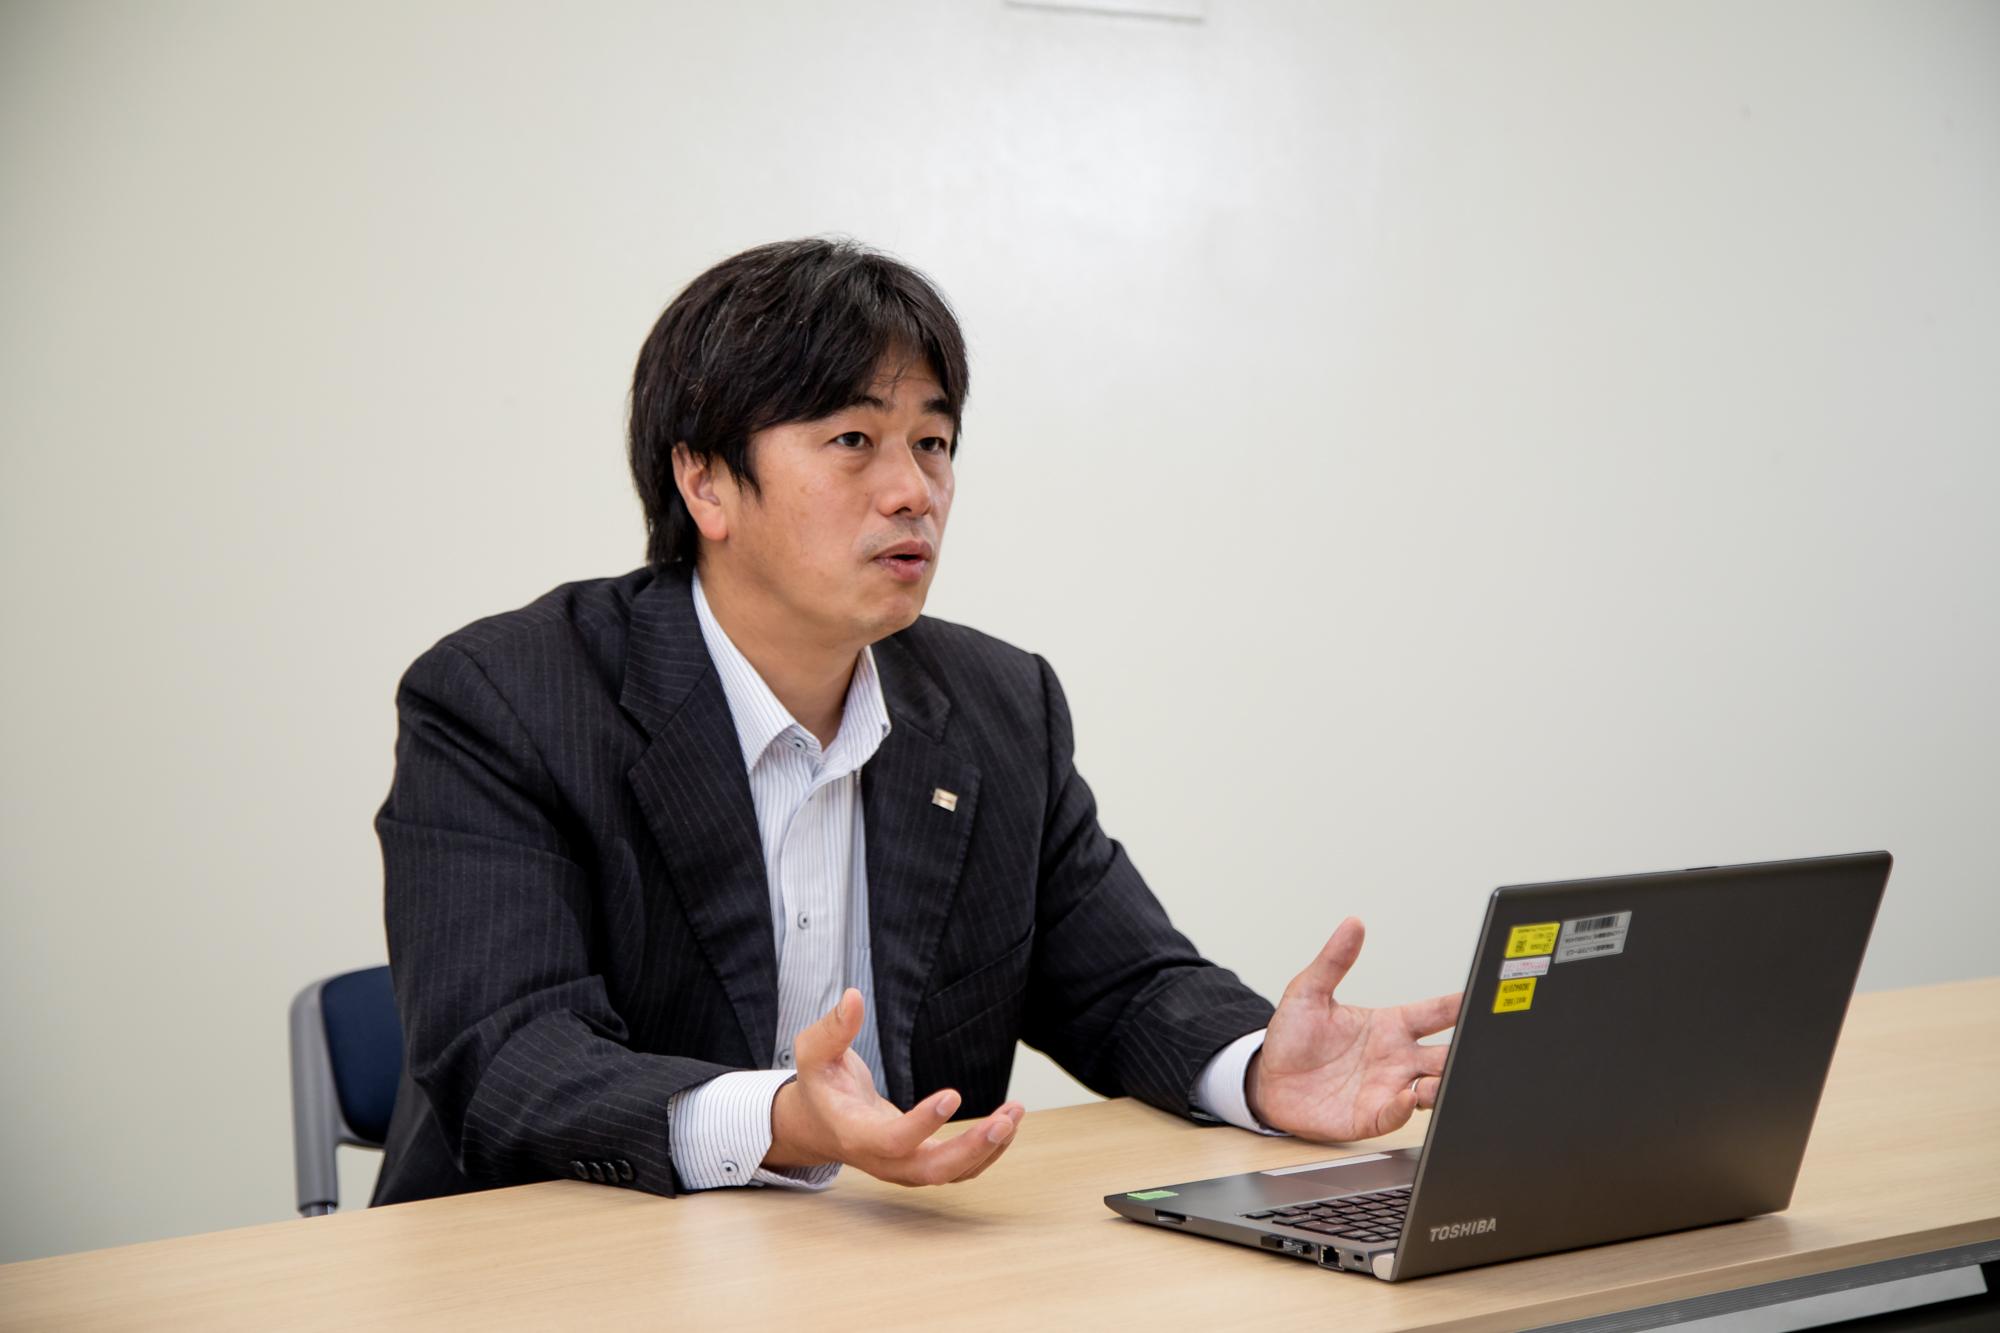 株式会社東芝 研究開発センター 知能化システム研究所 システムAIラボラトリー 研究主幹 吉田 琢史氏